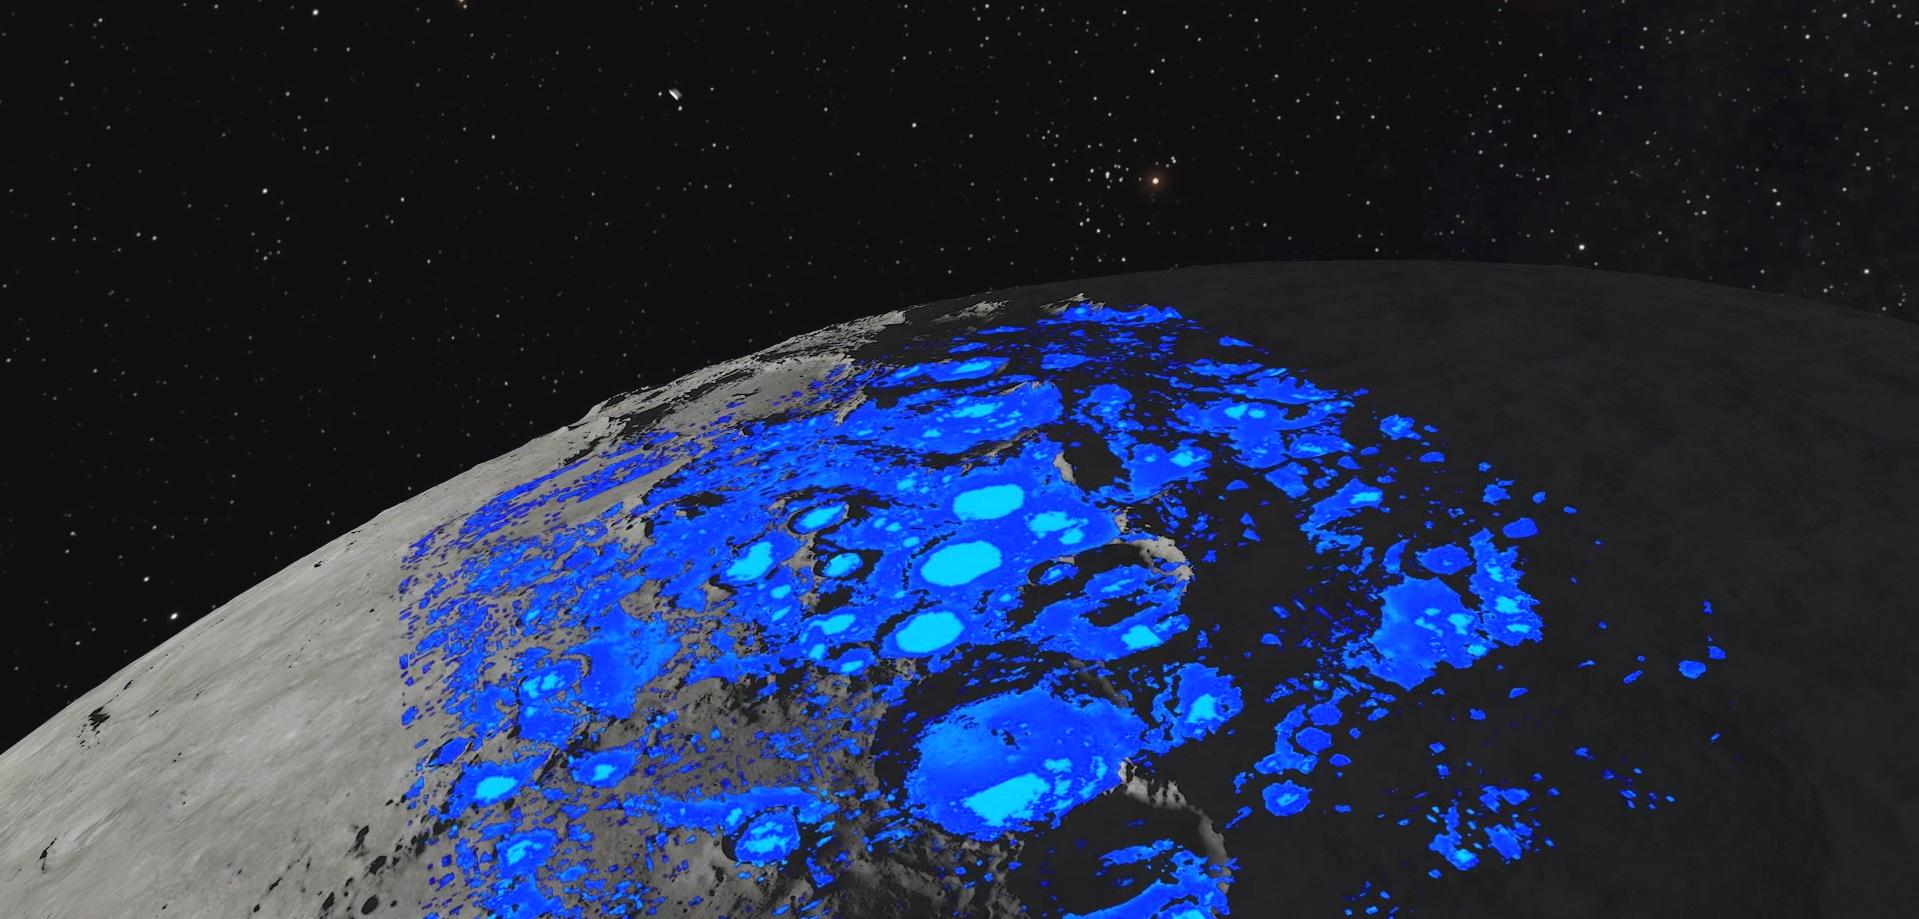 「月の水」に到達できる日は意外と近い?新研究で明らかに